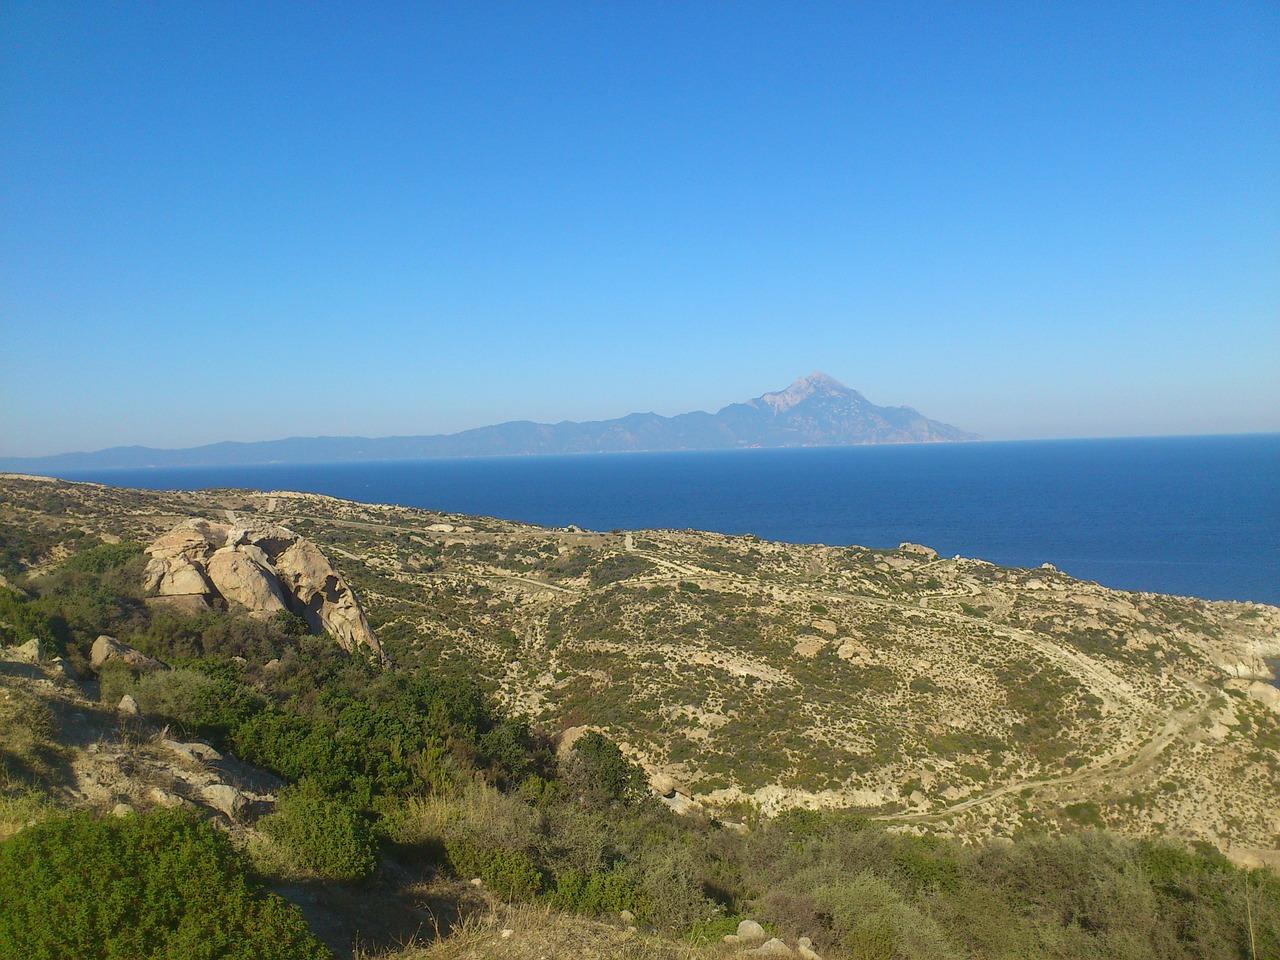 Kuste mit Berg Athos im Hintergrund